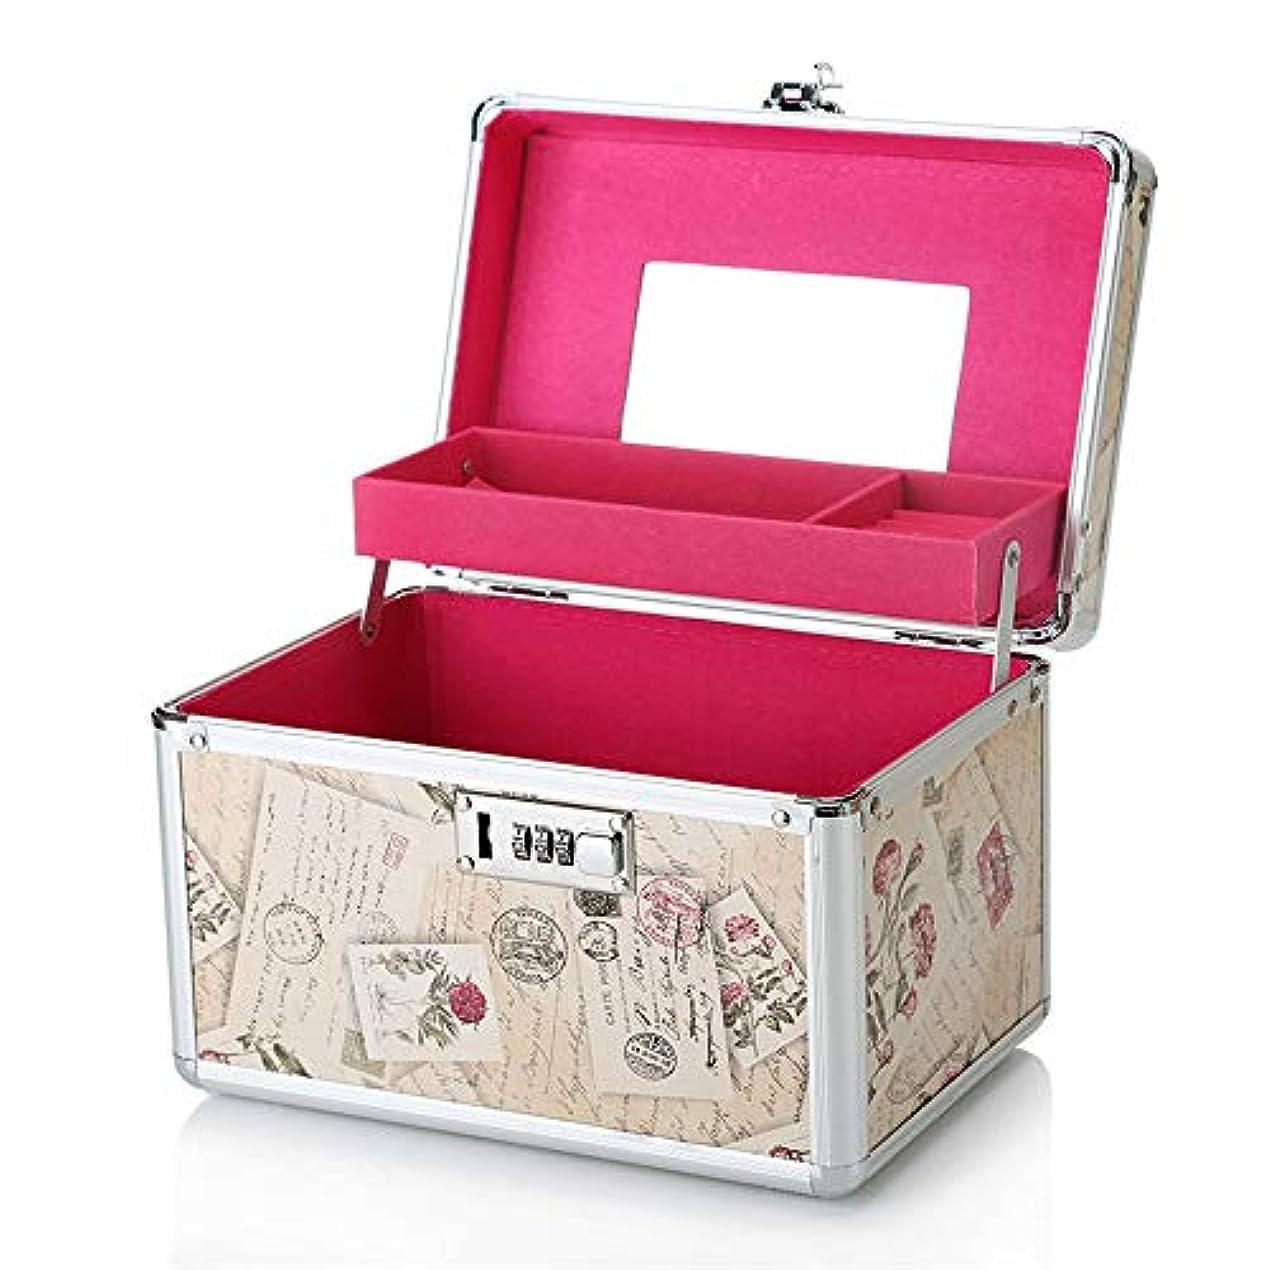 類似性地味な薬特大スペース収納ビューティーボックス 美の構造のためそしてジッパーおよび折る皿が付いている女の子の女性旅行そして毎日の貯蔵のための高容量の携帯用化粧品袋 化粧品化粧台